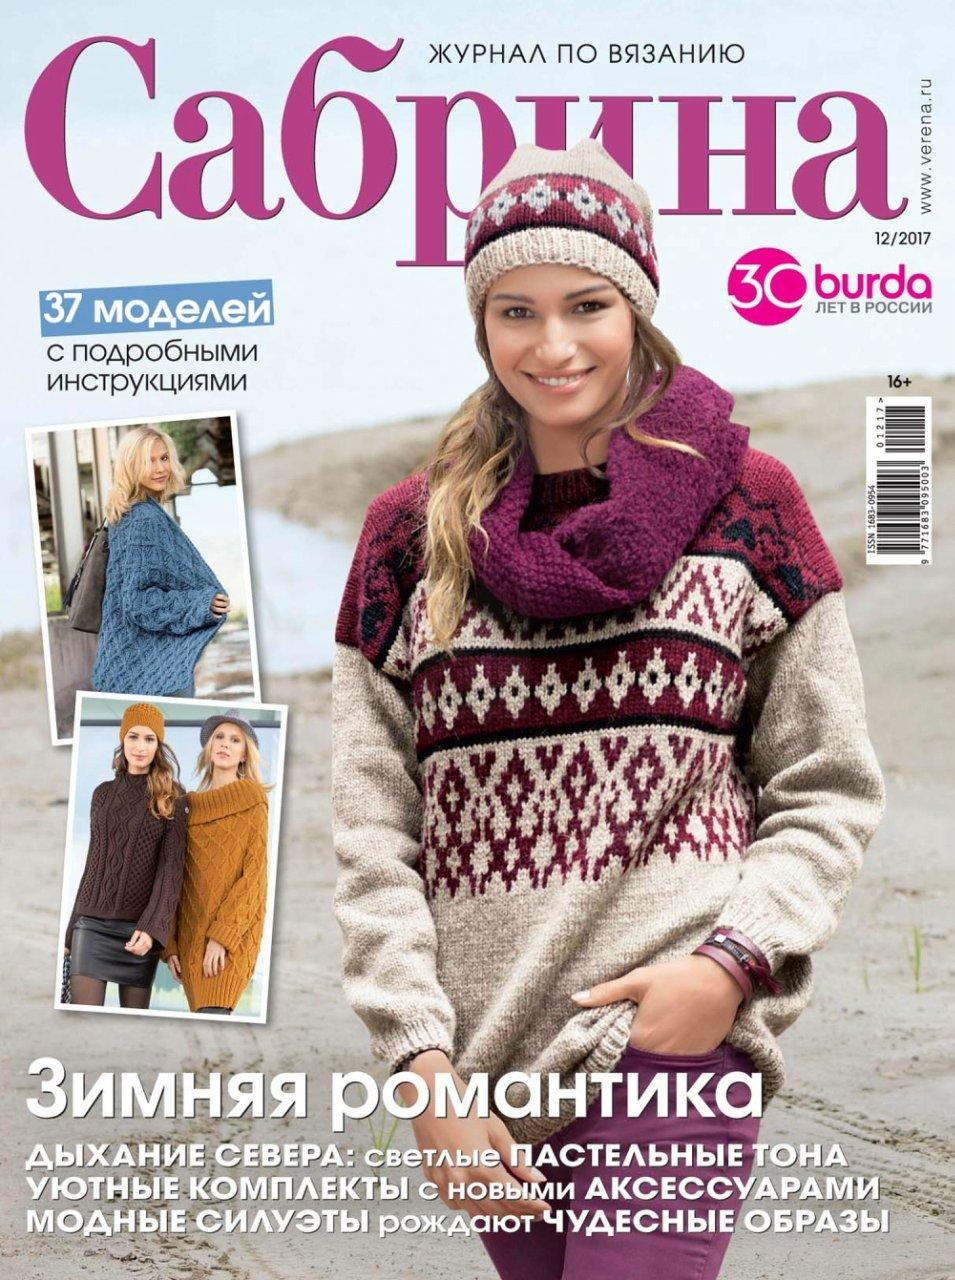 Журналы по вязанию русские 26